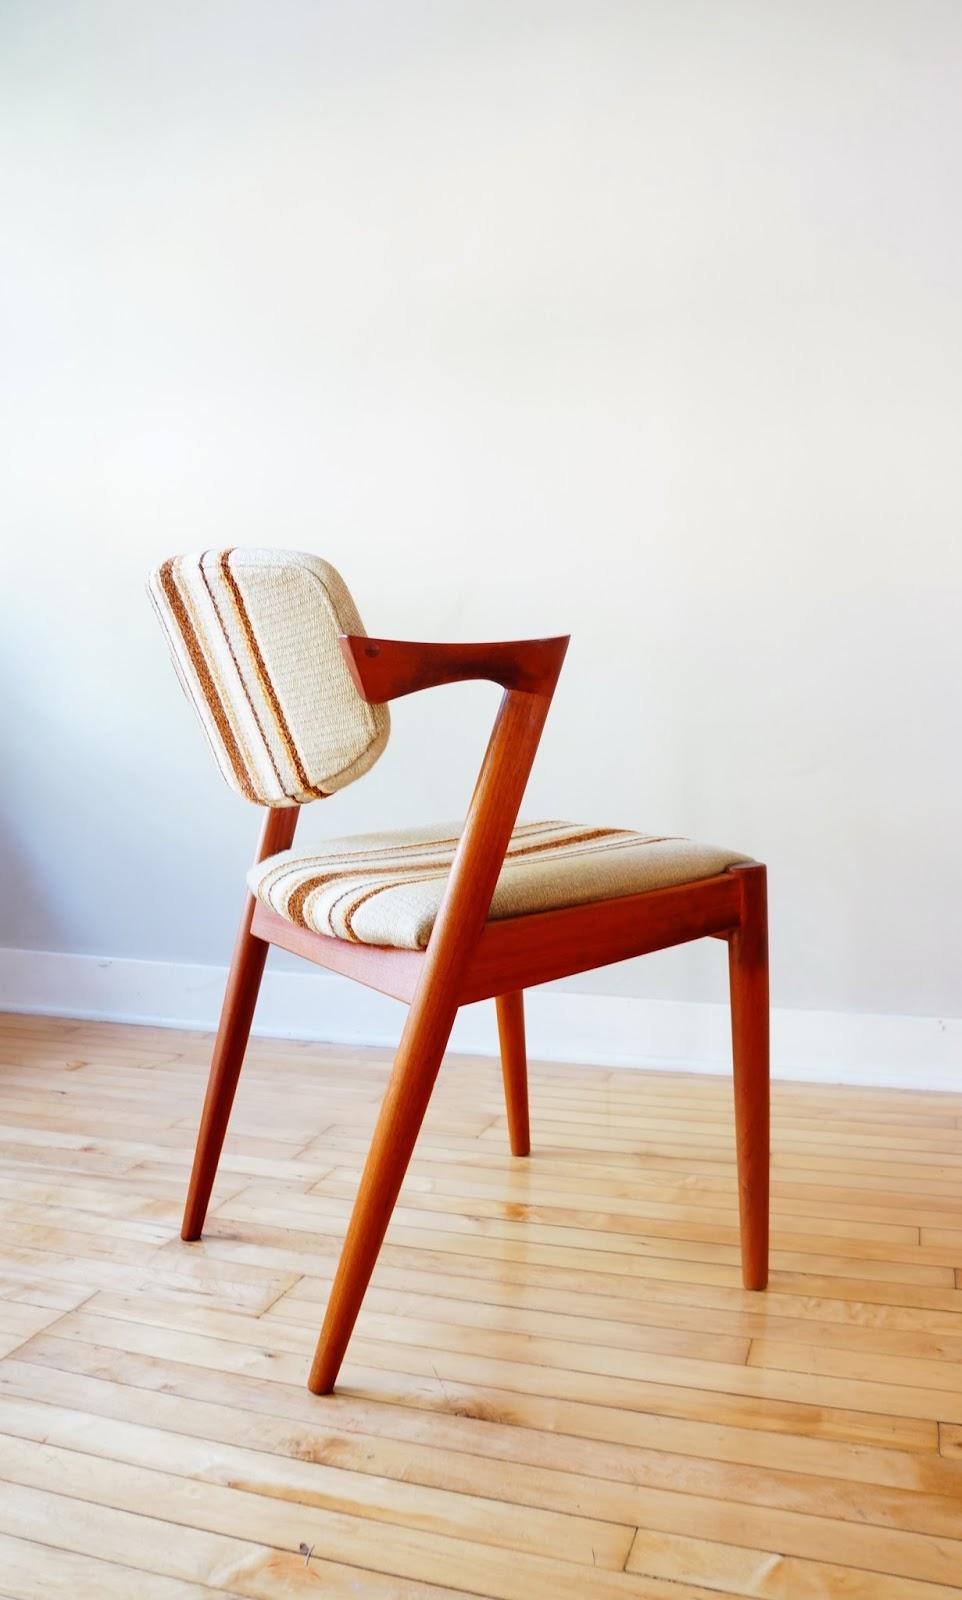 Str8mcm kai kristiansen model 42 chairs - Kai kristiansen chair ...